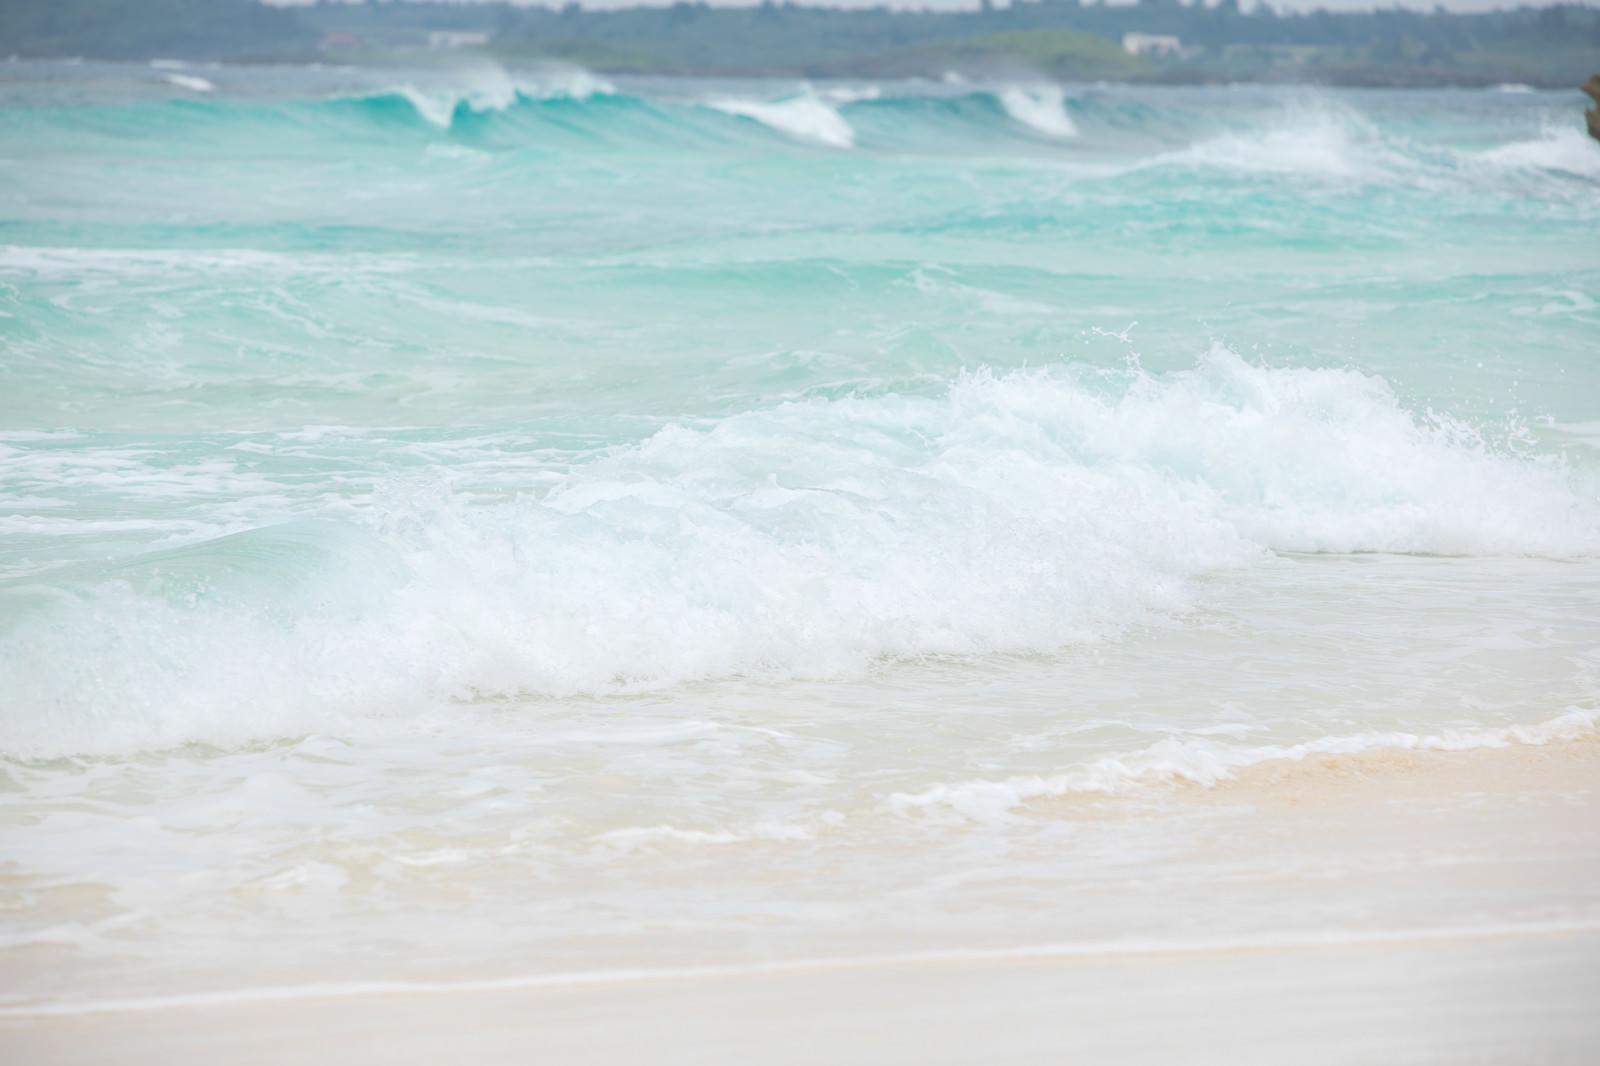 「白い砂浜と波打ち際」の写真